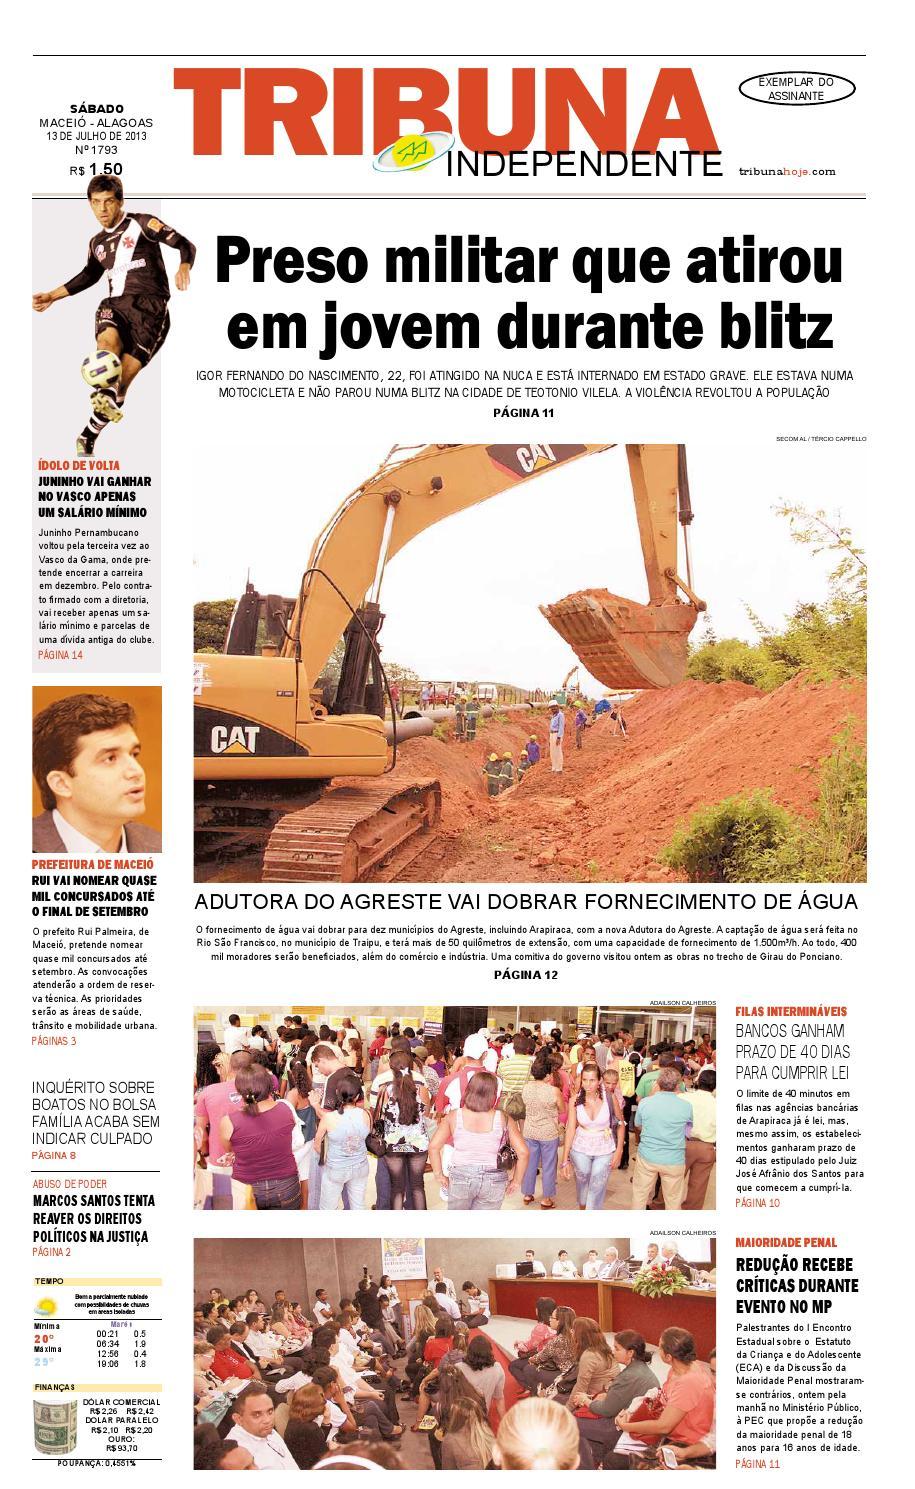 e88c9825fb Edição número 1793 - 13 de julho de 2013 by Tribuna Hoje - issuu